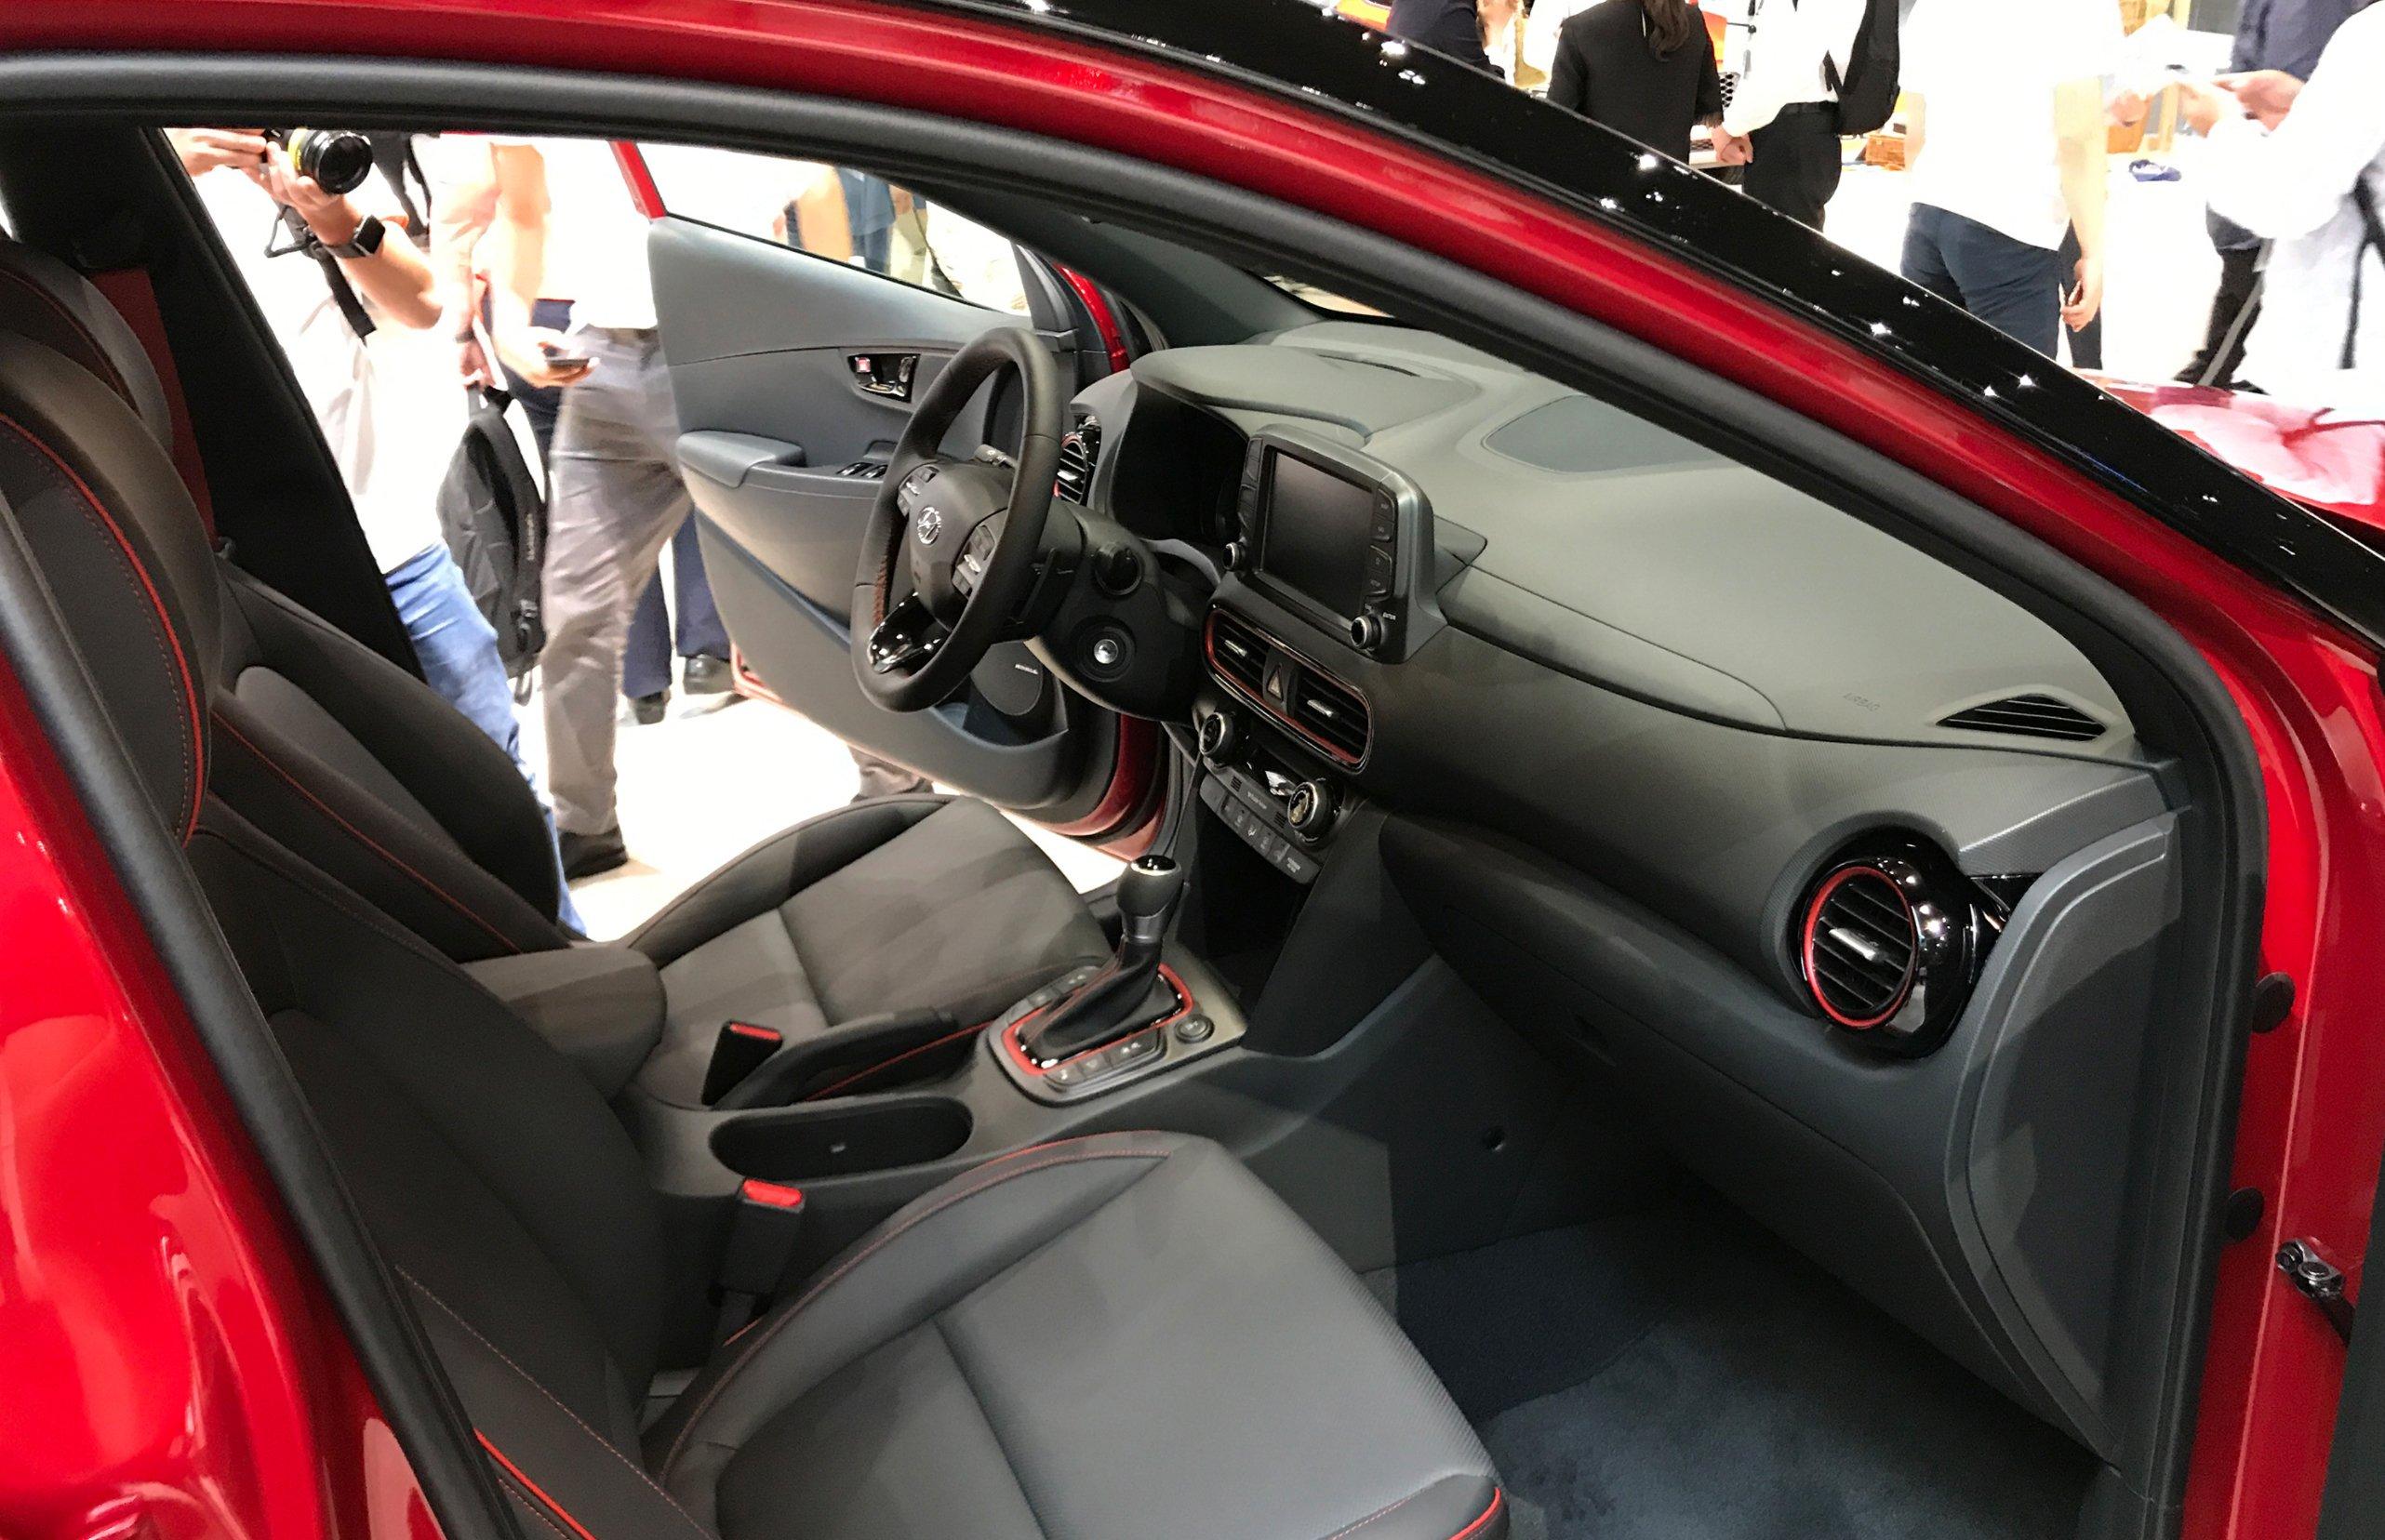 Hyundai Kona Price >> 2018 Hyundai Kona review: Quick drive | CarAdvice